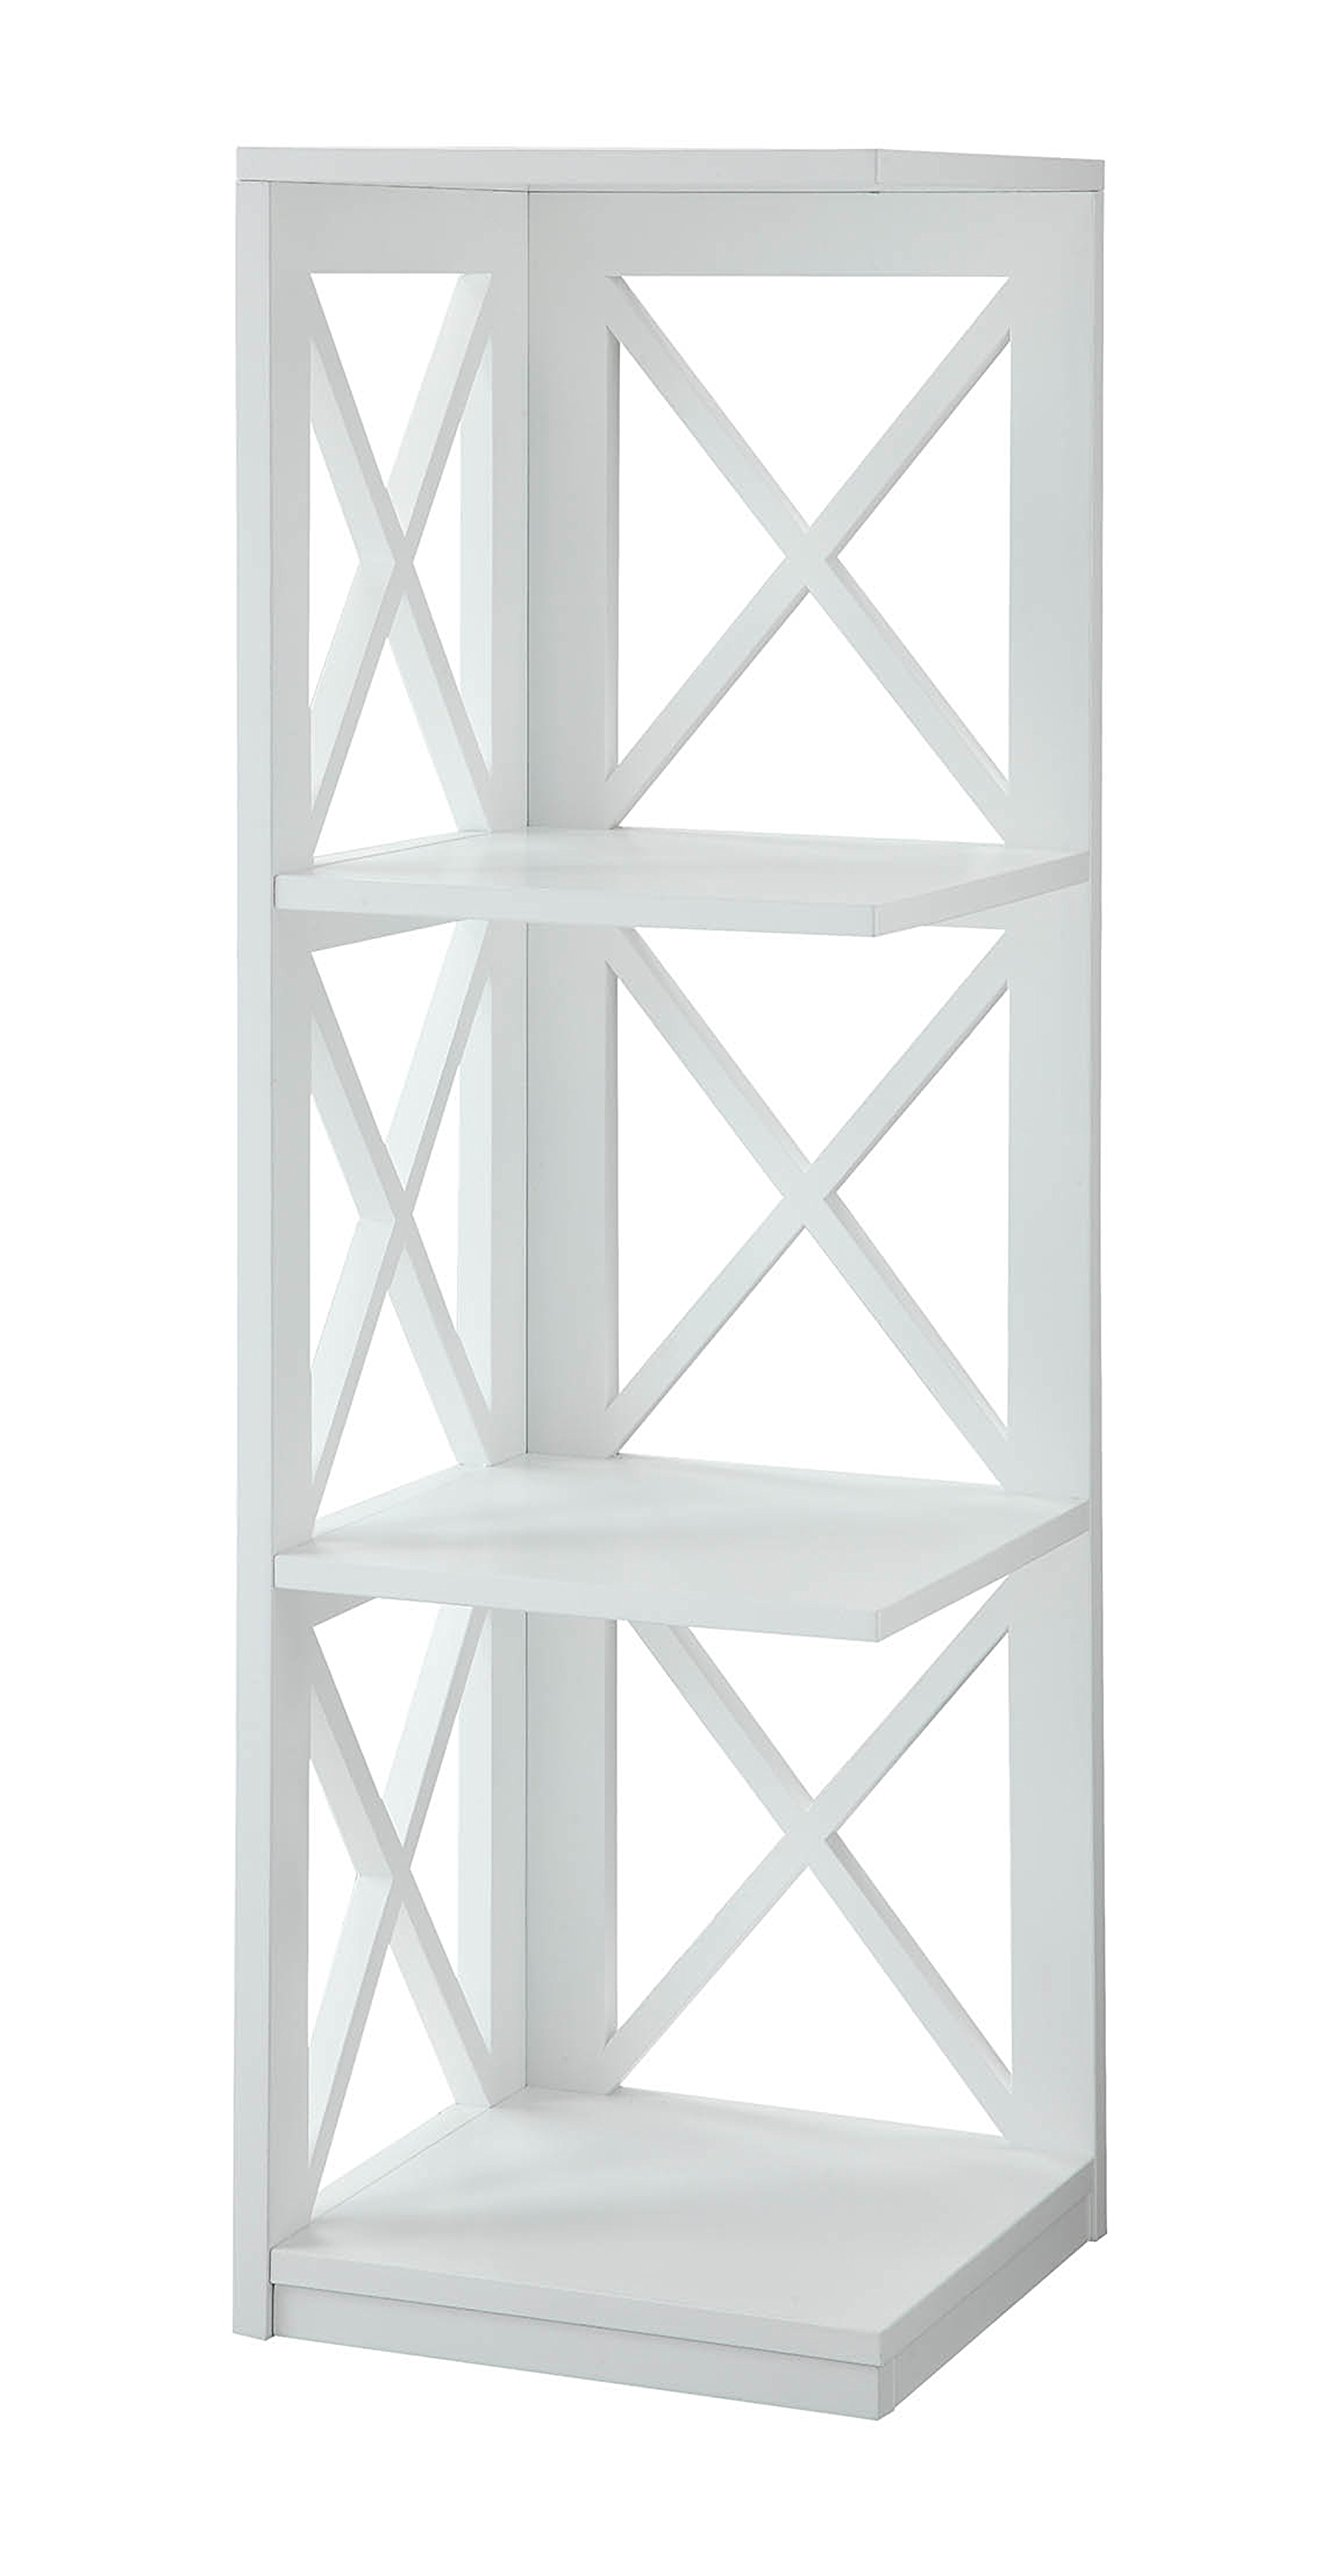 Convenience Concepts Oxford 3-Tier Corner Bookcase, White